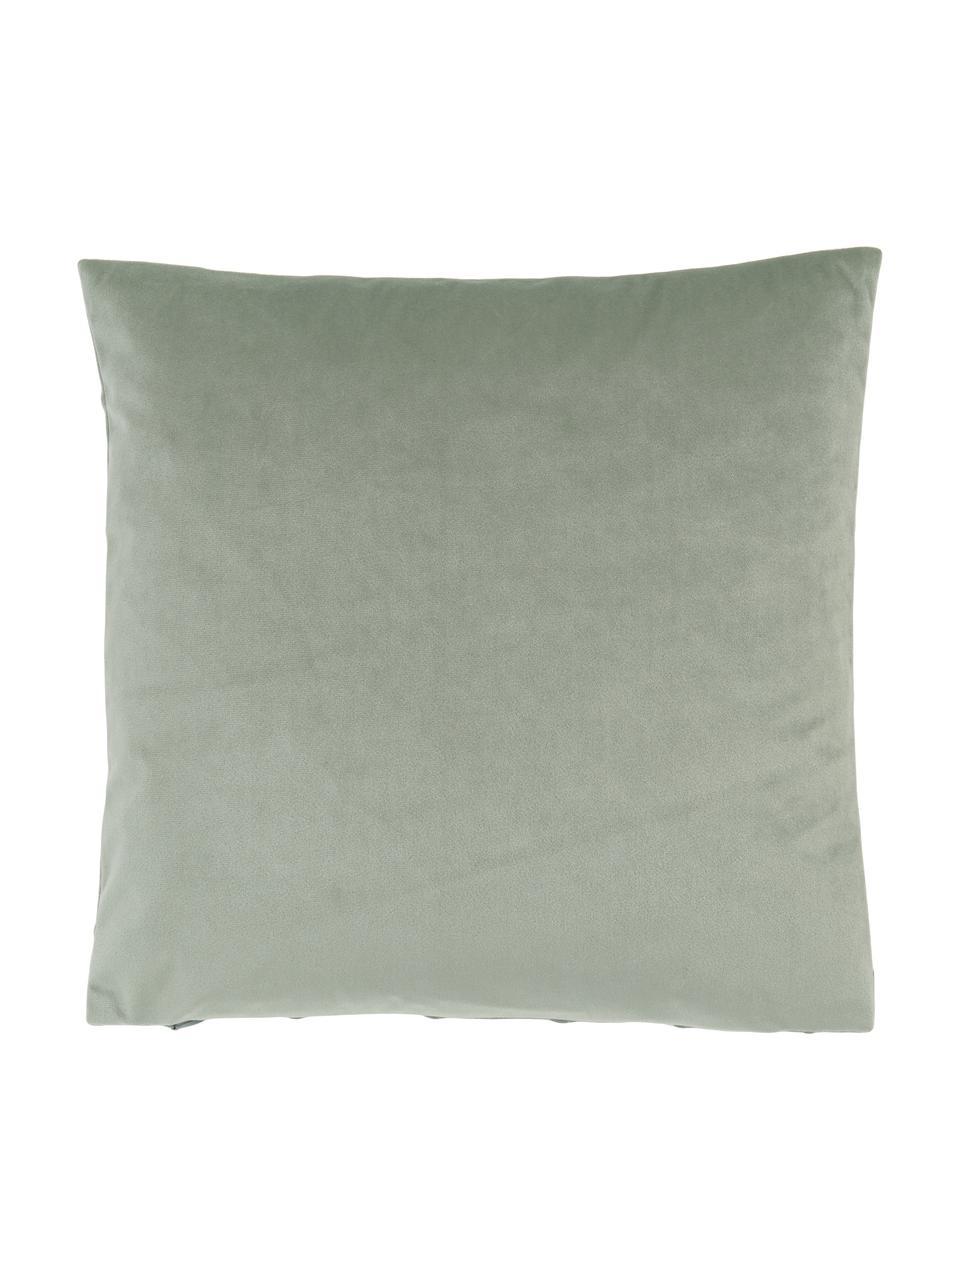 Samt-Kissenhülle Leyla in Salbeigrün mit Struktumuster, Samt (100% Polyester), Grün, 40 x 40 cm